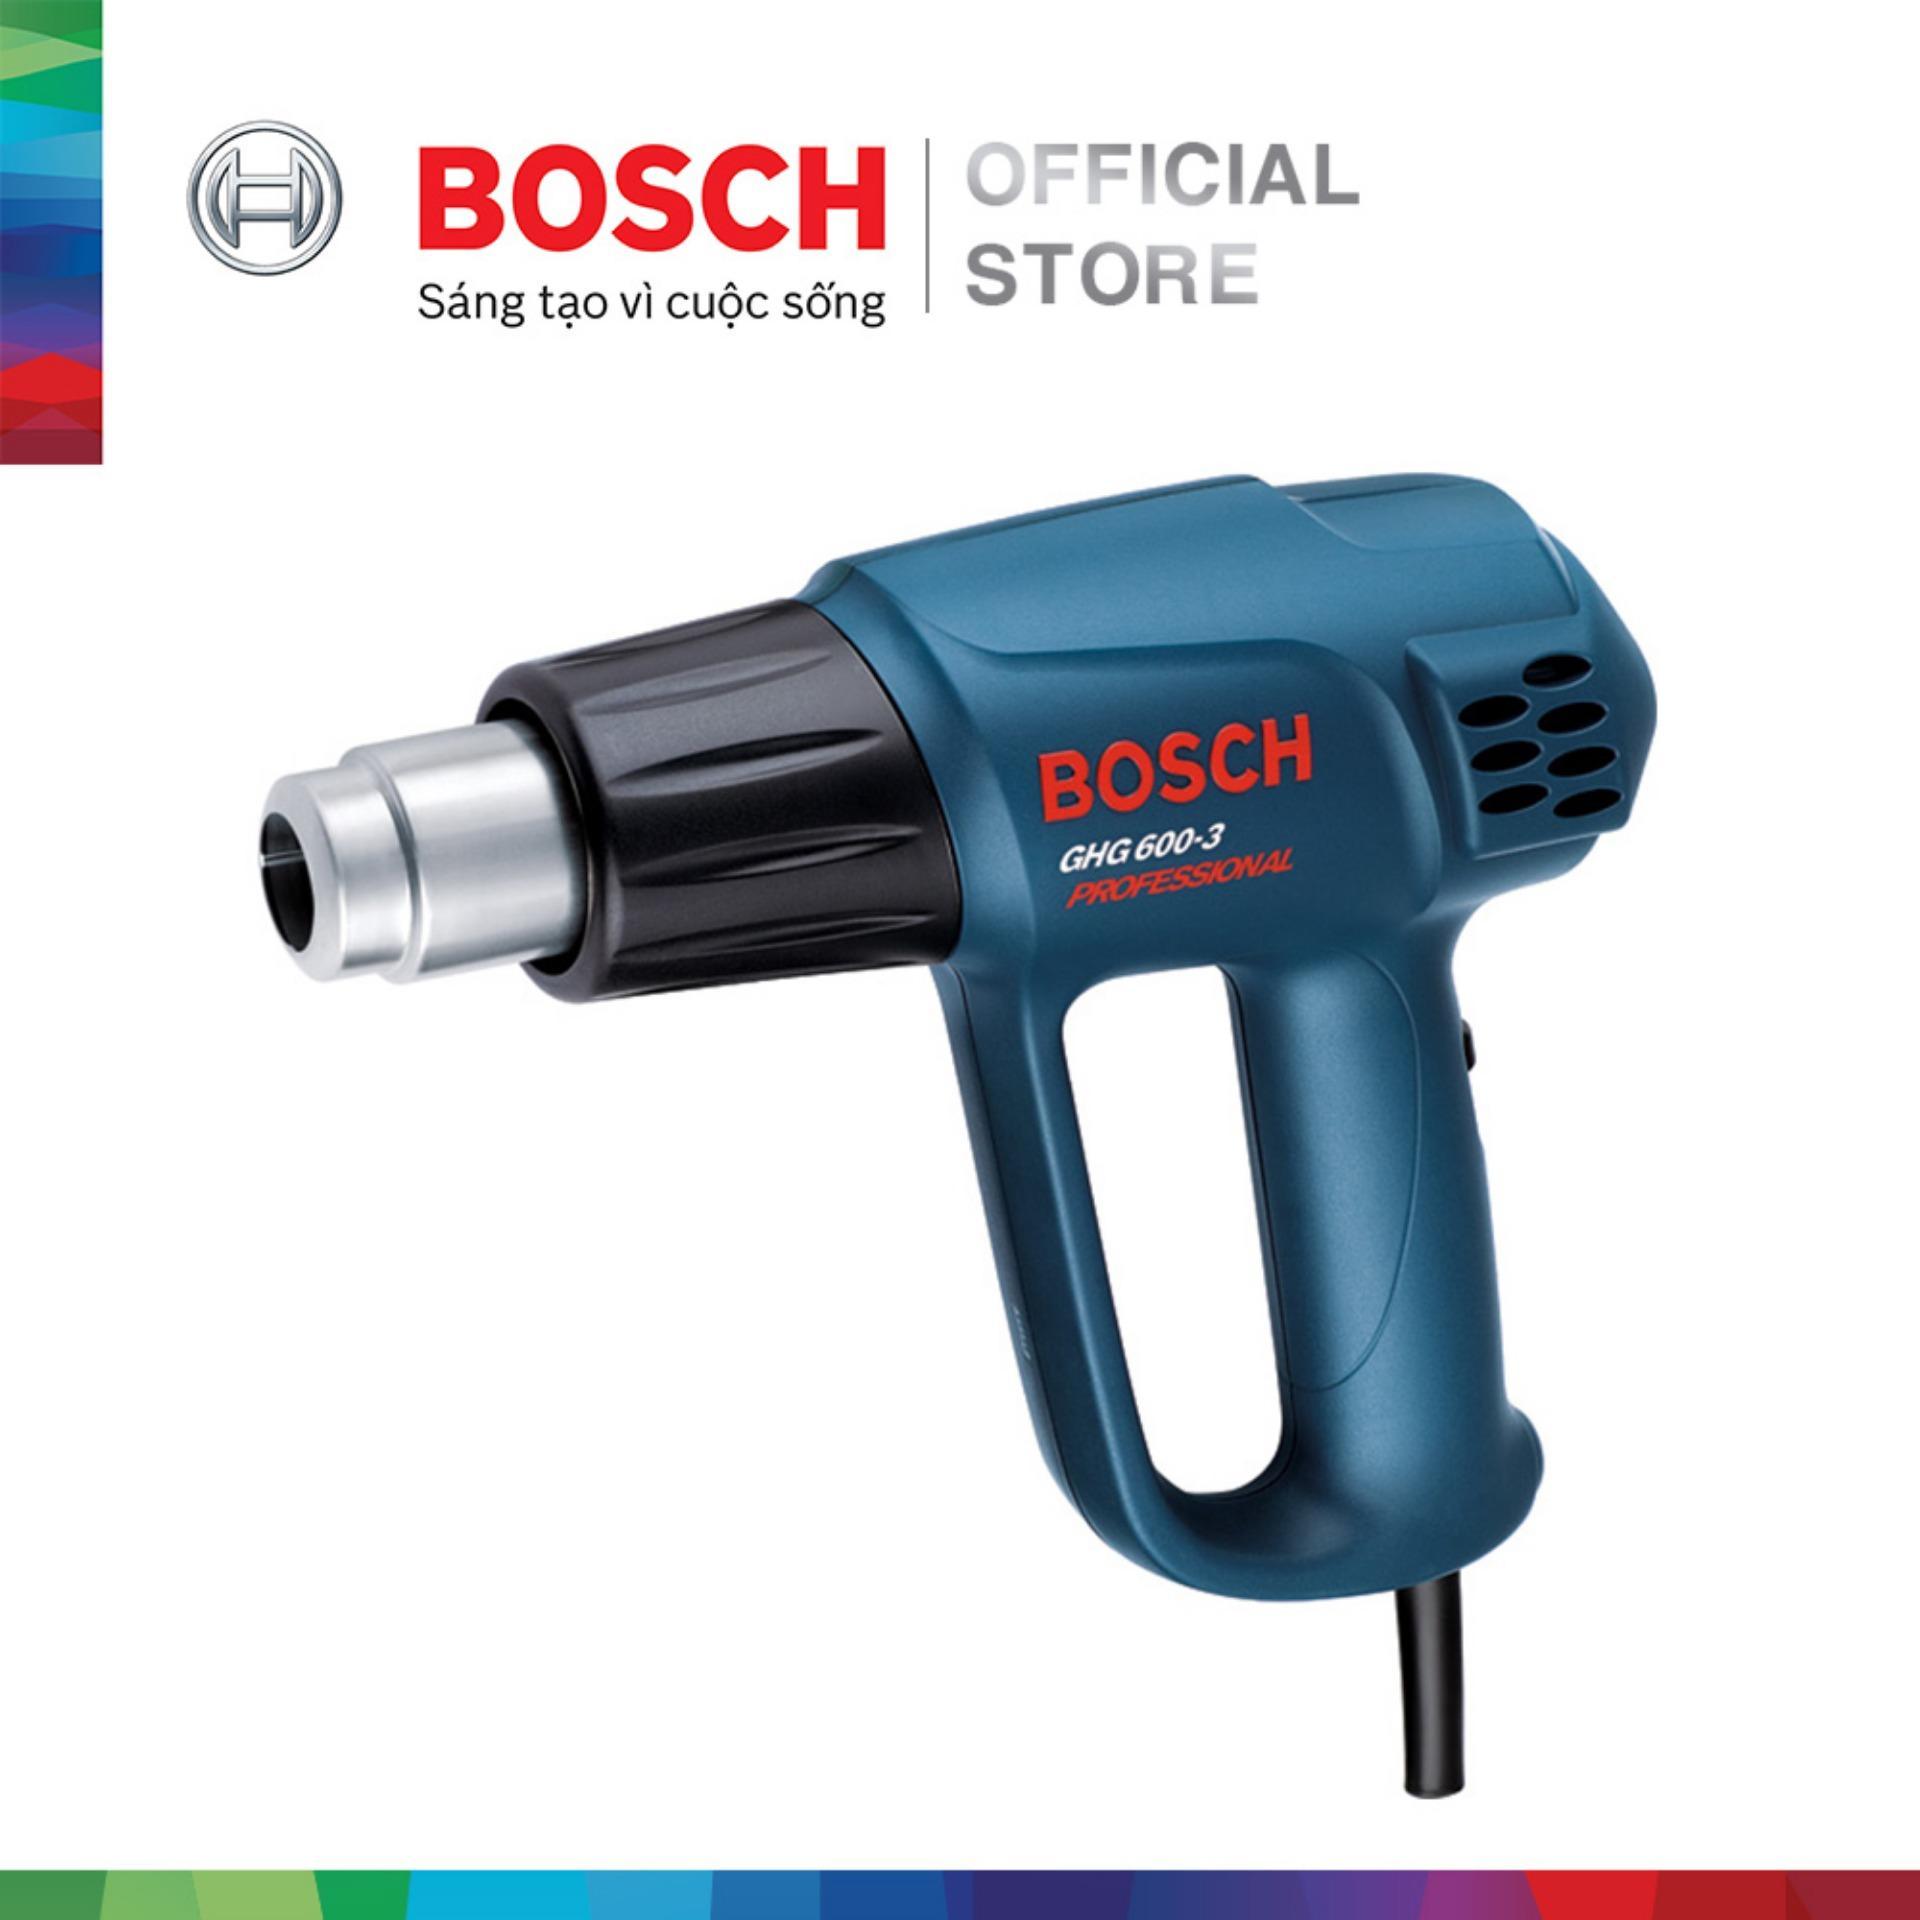 Hình ảnh Máy thổi hơi nóng Bosch GHG 600-3